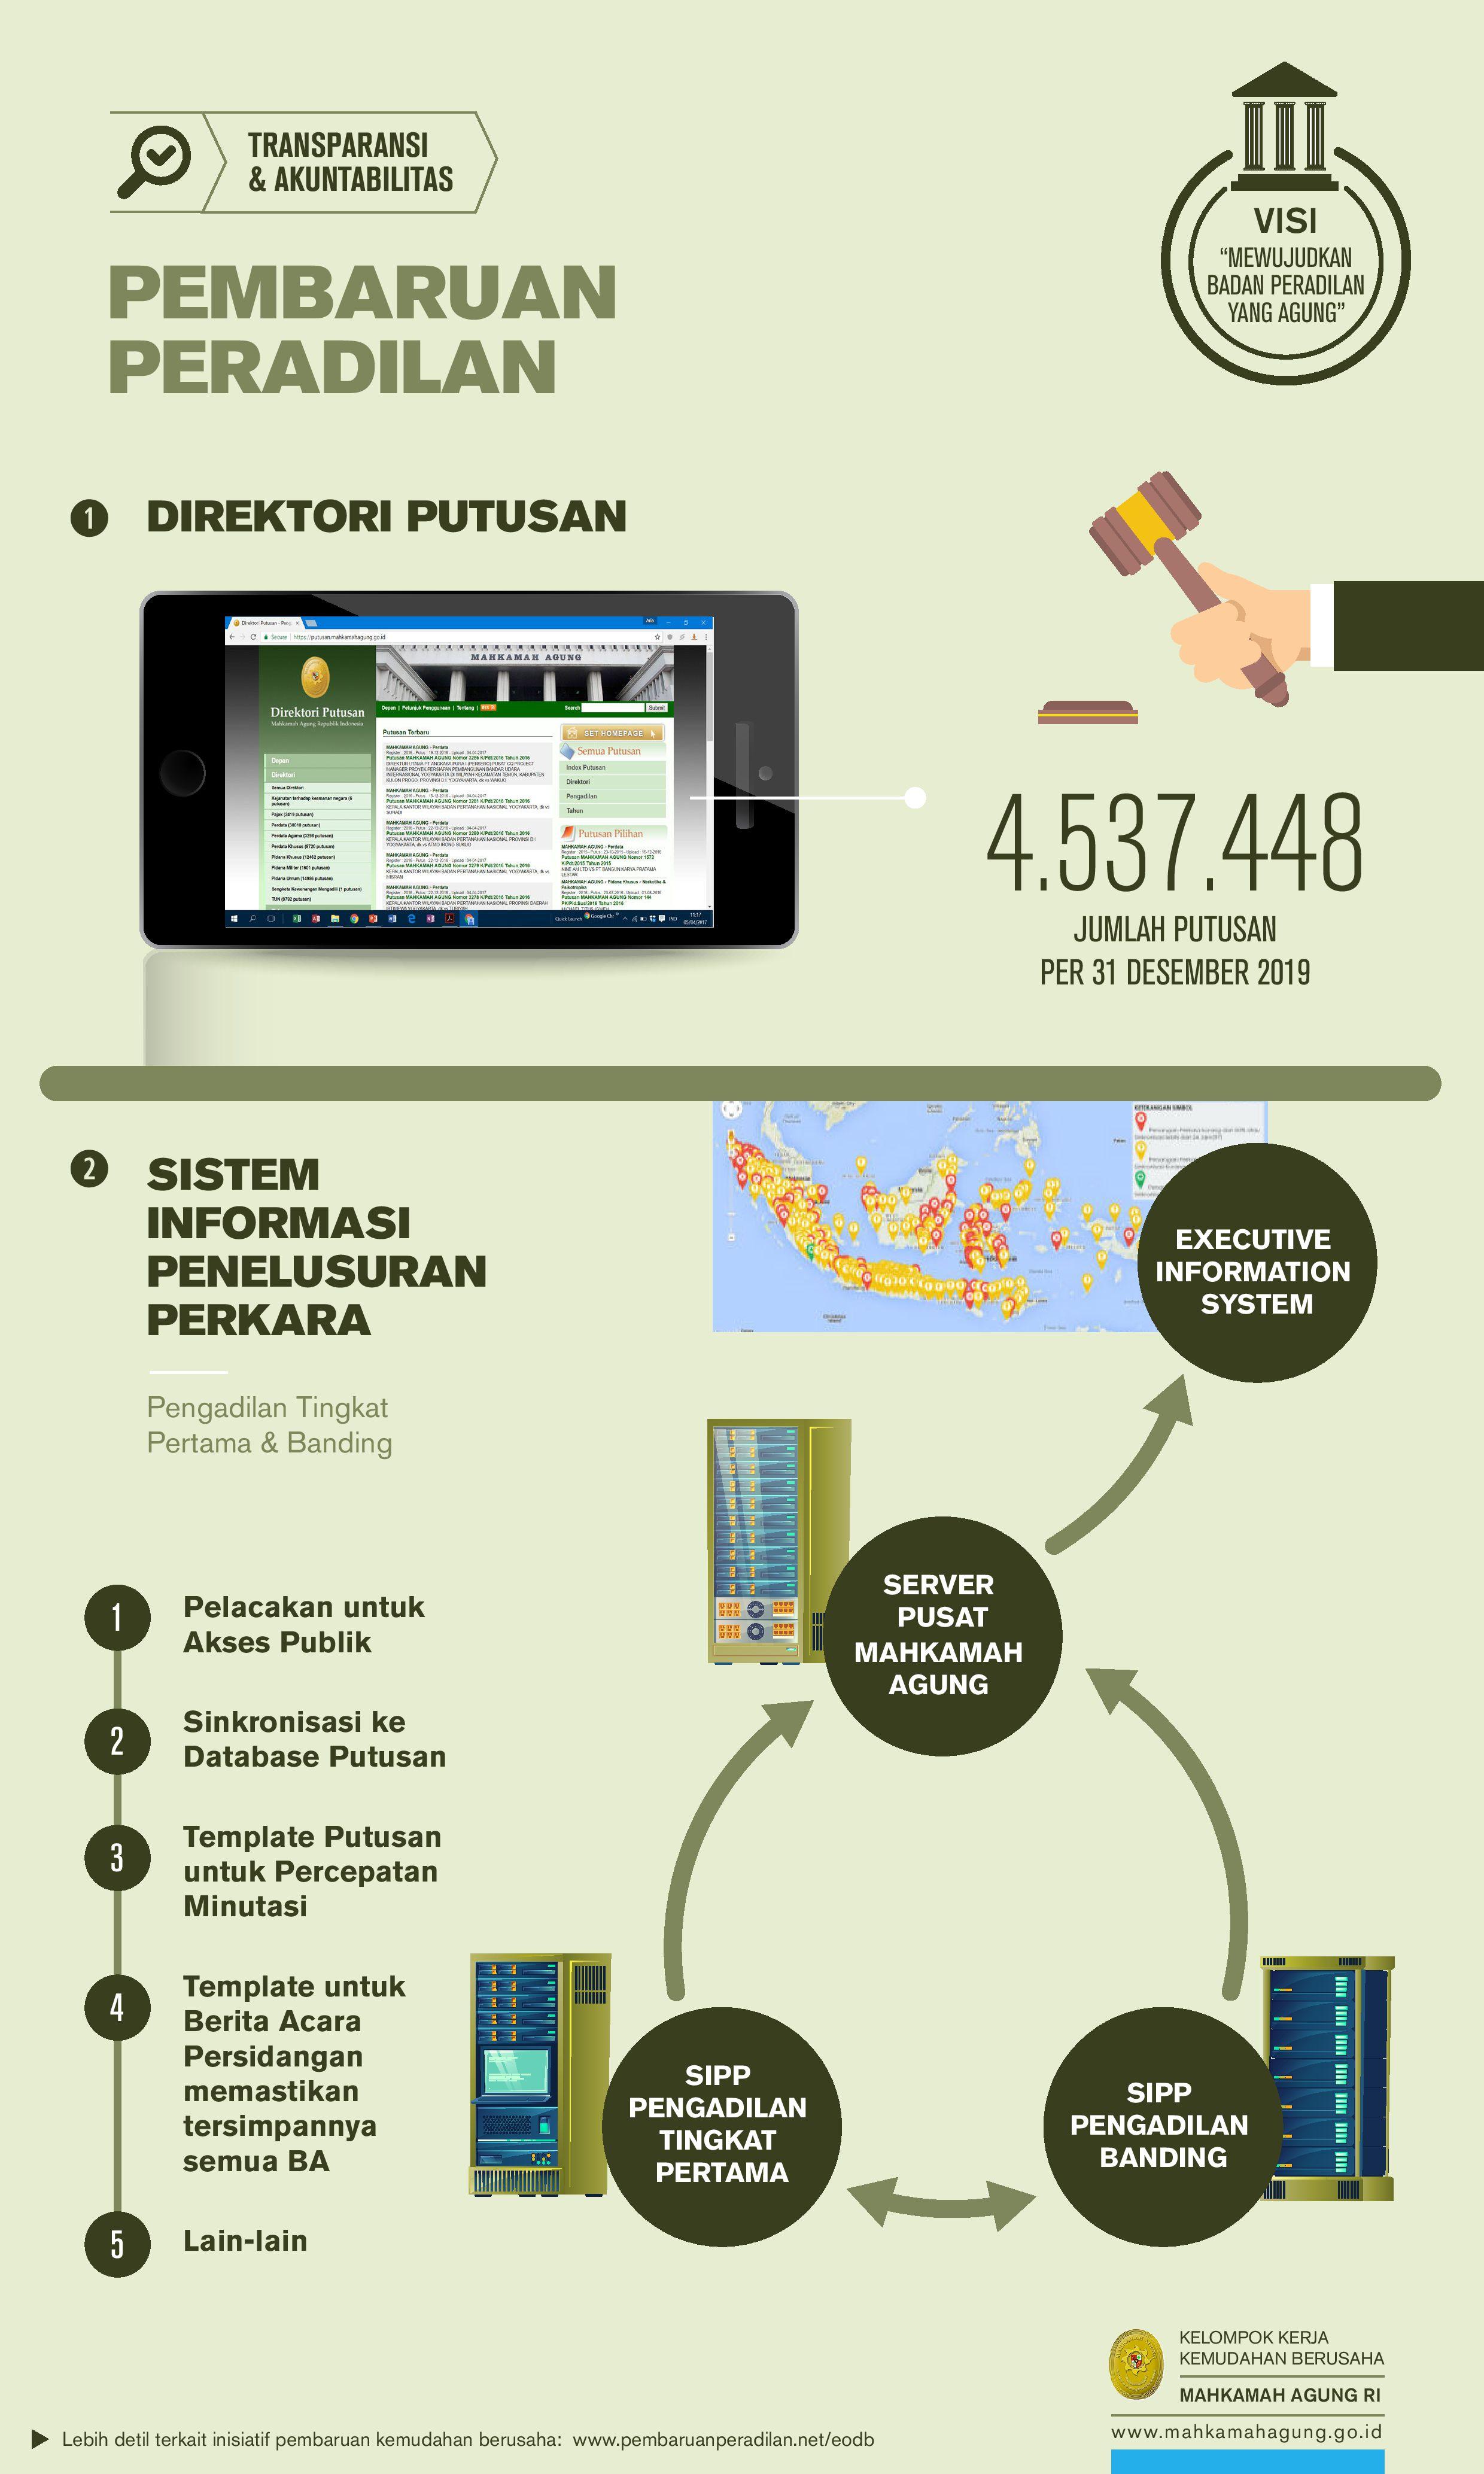 Infographic-Pembaruan_Peradilan-MA-Compiled_2020_03